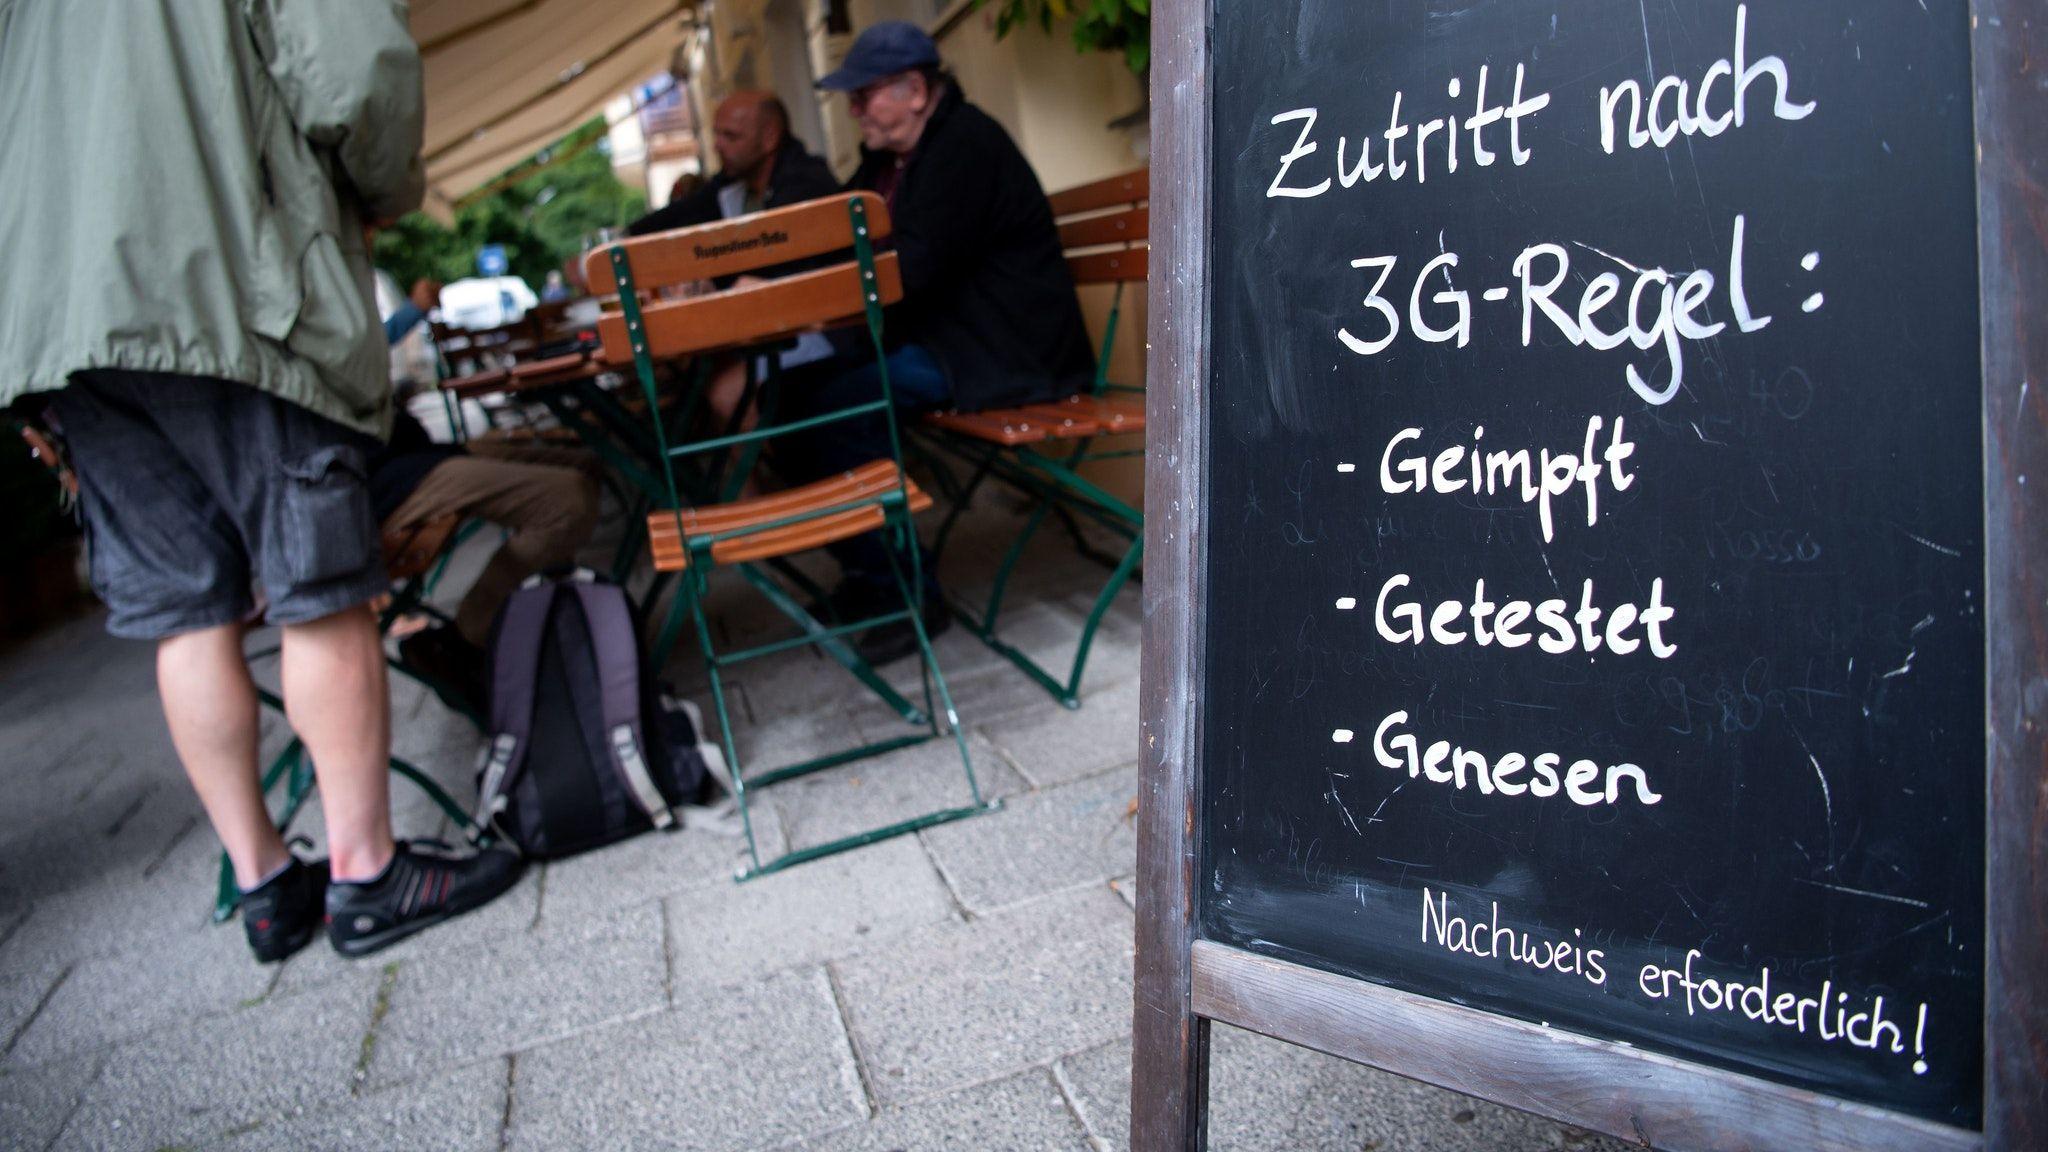 Derzeit gilt in vielen Bereichen des Oldenburger Münsterlandes die 3G-Regel. Jetzt ist die Einschränkung auf nur noch Geimpfte und Genesene in Vorbereitung. Symbolfoto: dpa